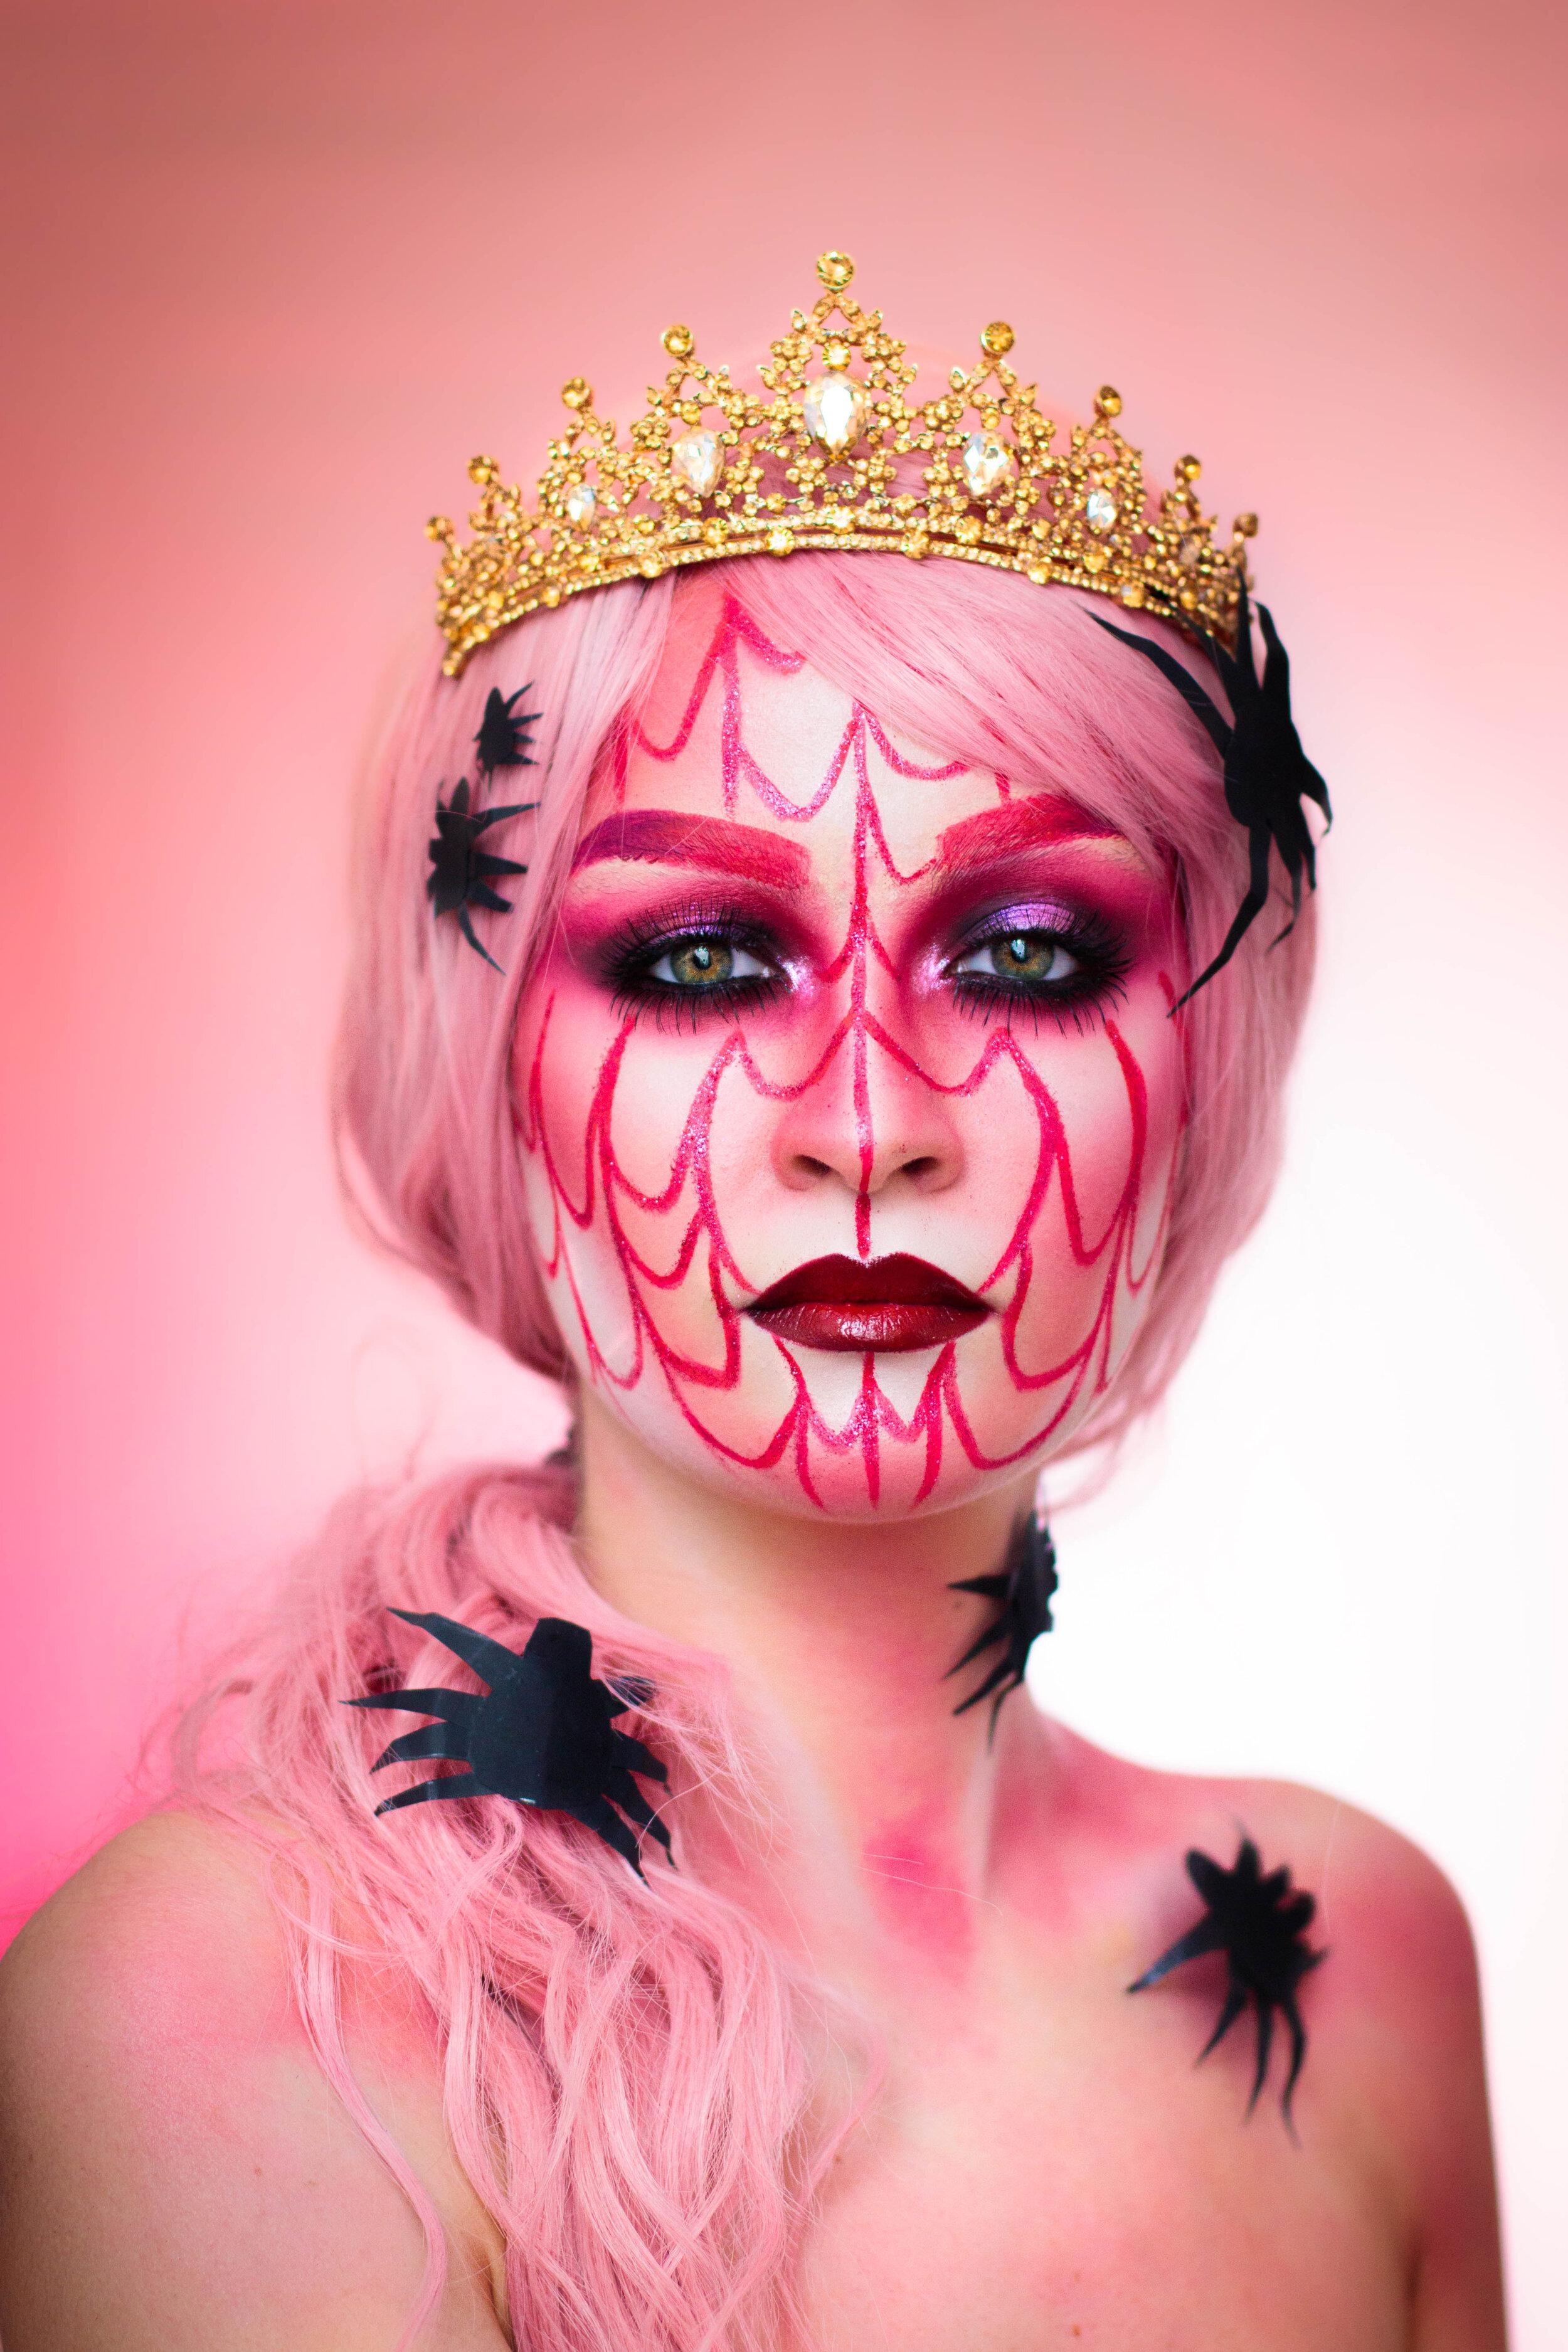 spider-queen-halloween-makeup-pauuulette.jpg